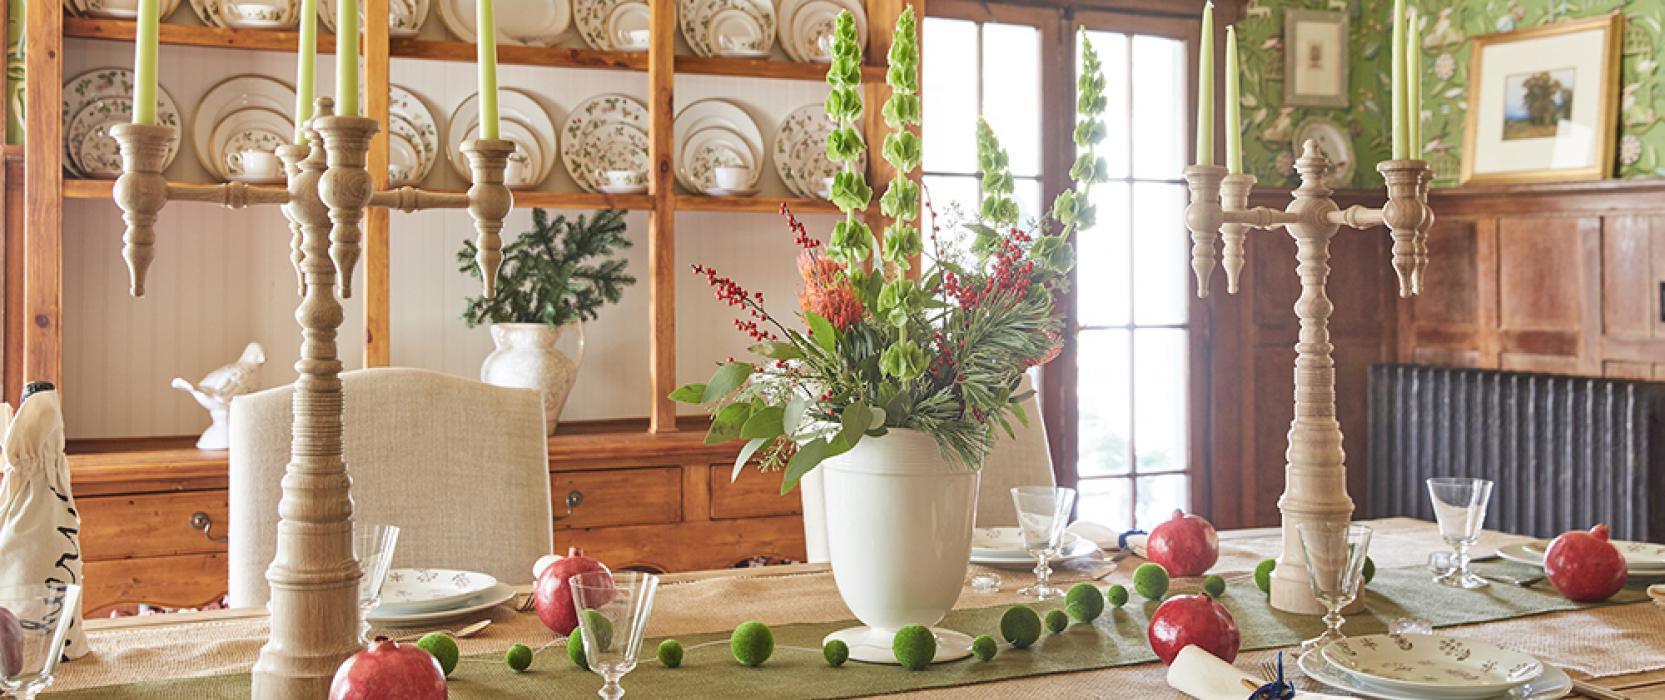 Holiday House Tour Home Decor